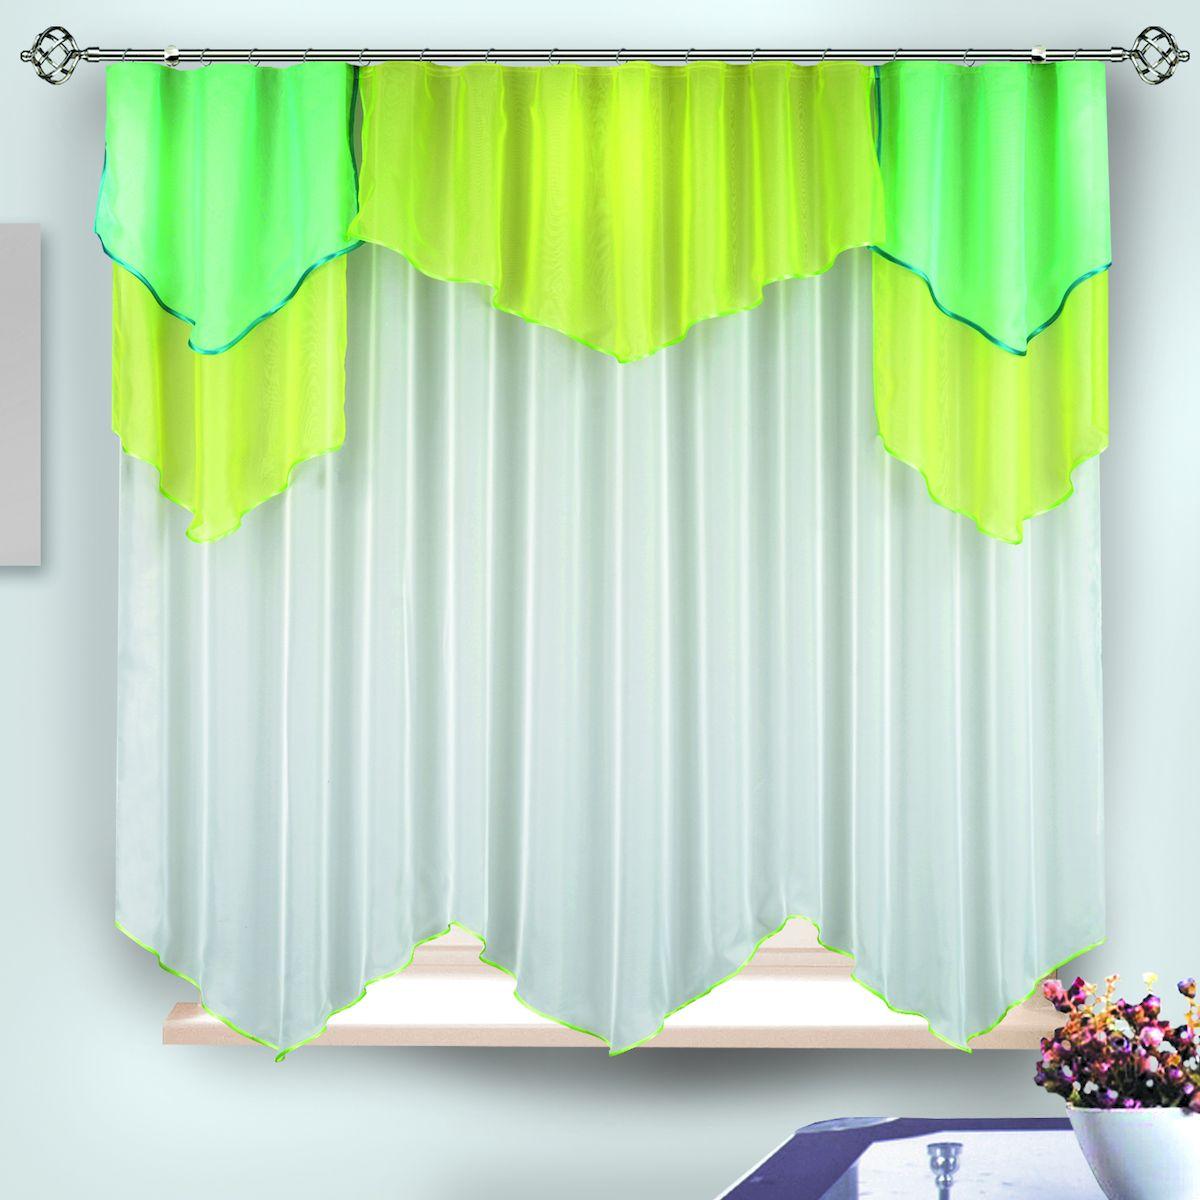 """Комплект штор для кухни """"Zlata Korunka"""", на ленте, цвет: желтый, зеленый, белый, высота 170 см. 33339"""